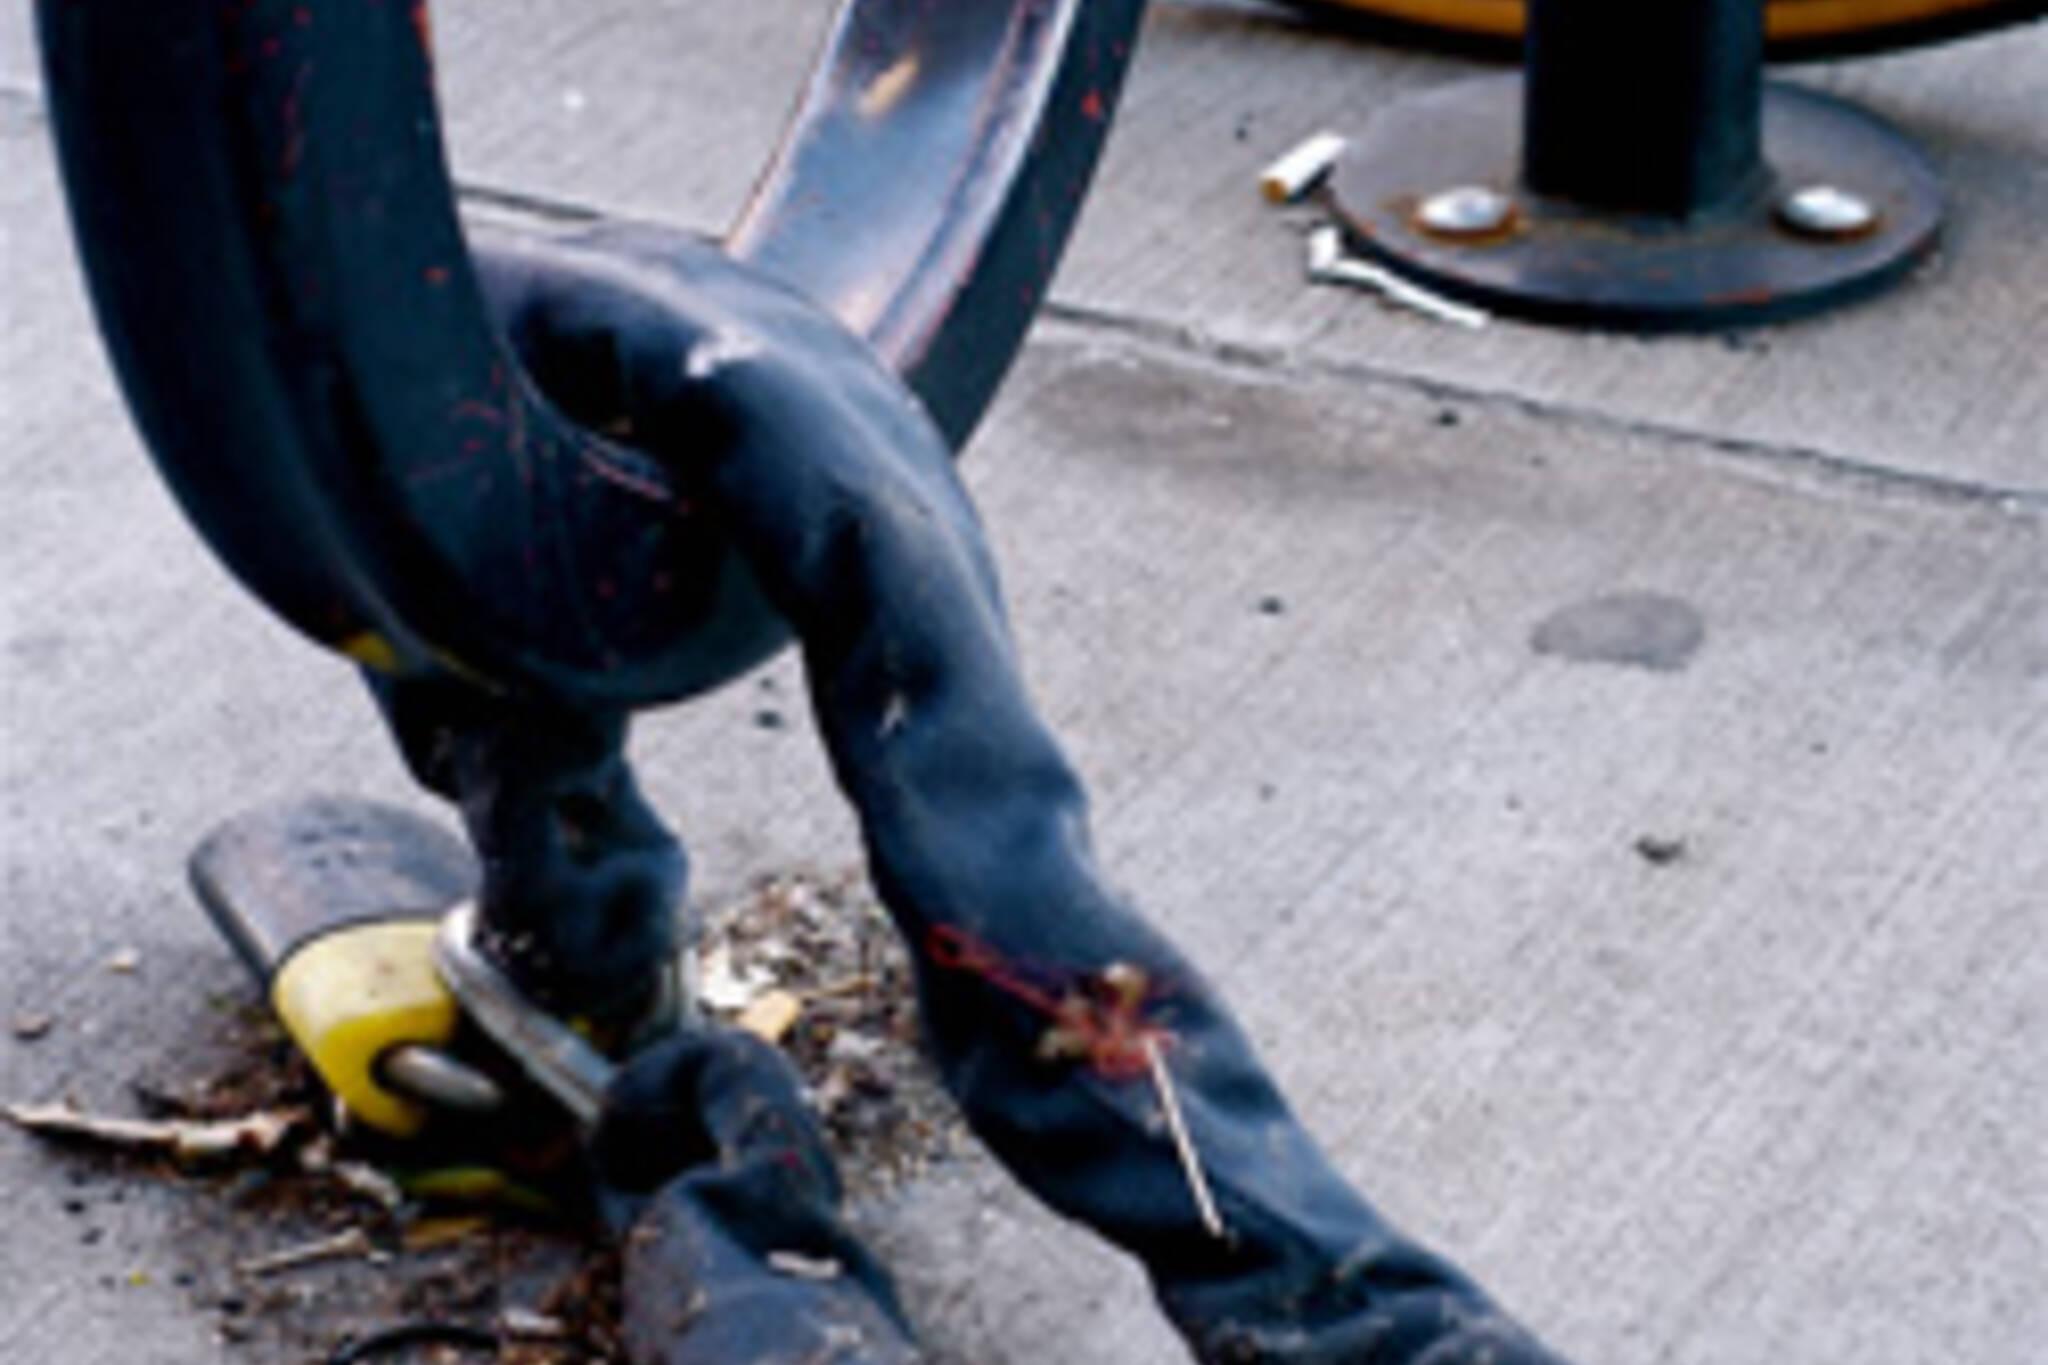 Bike lock on bike post after bike was stolen